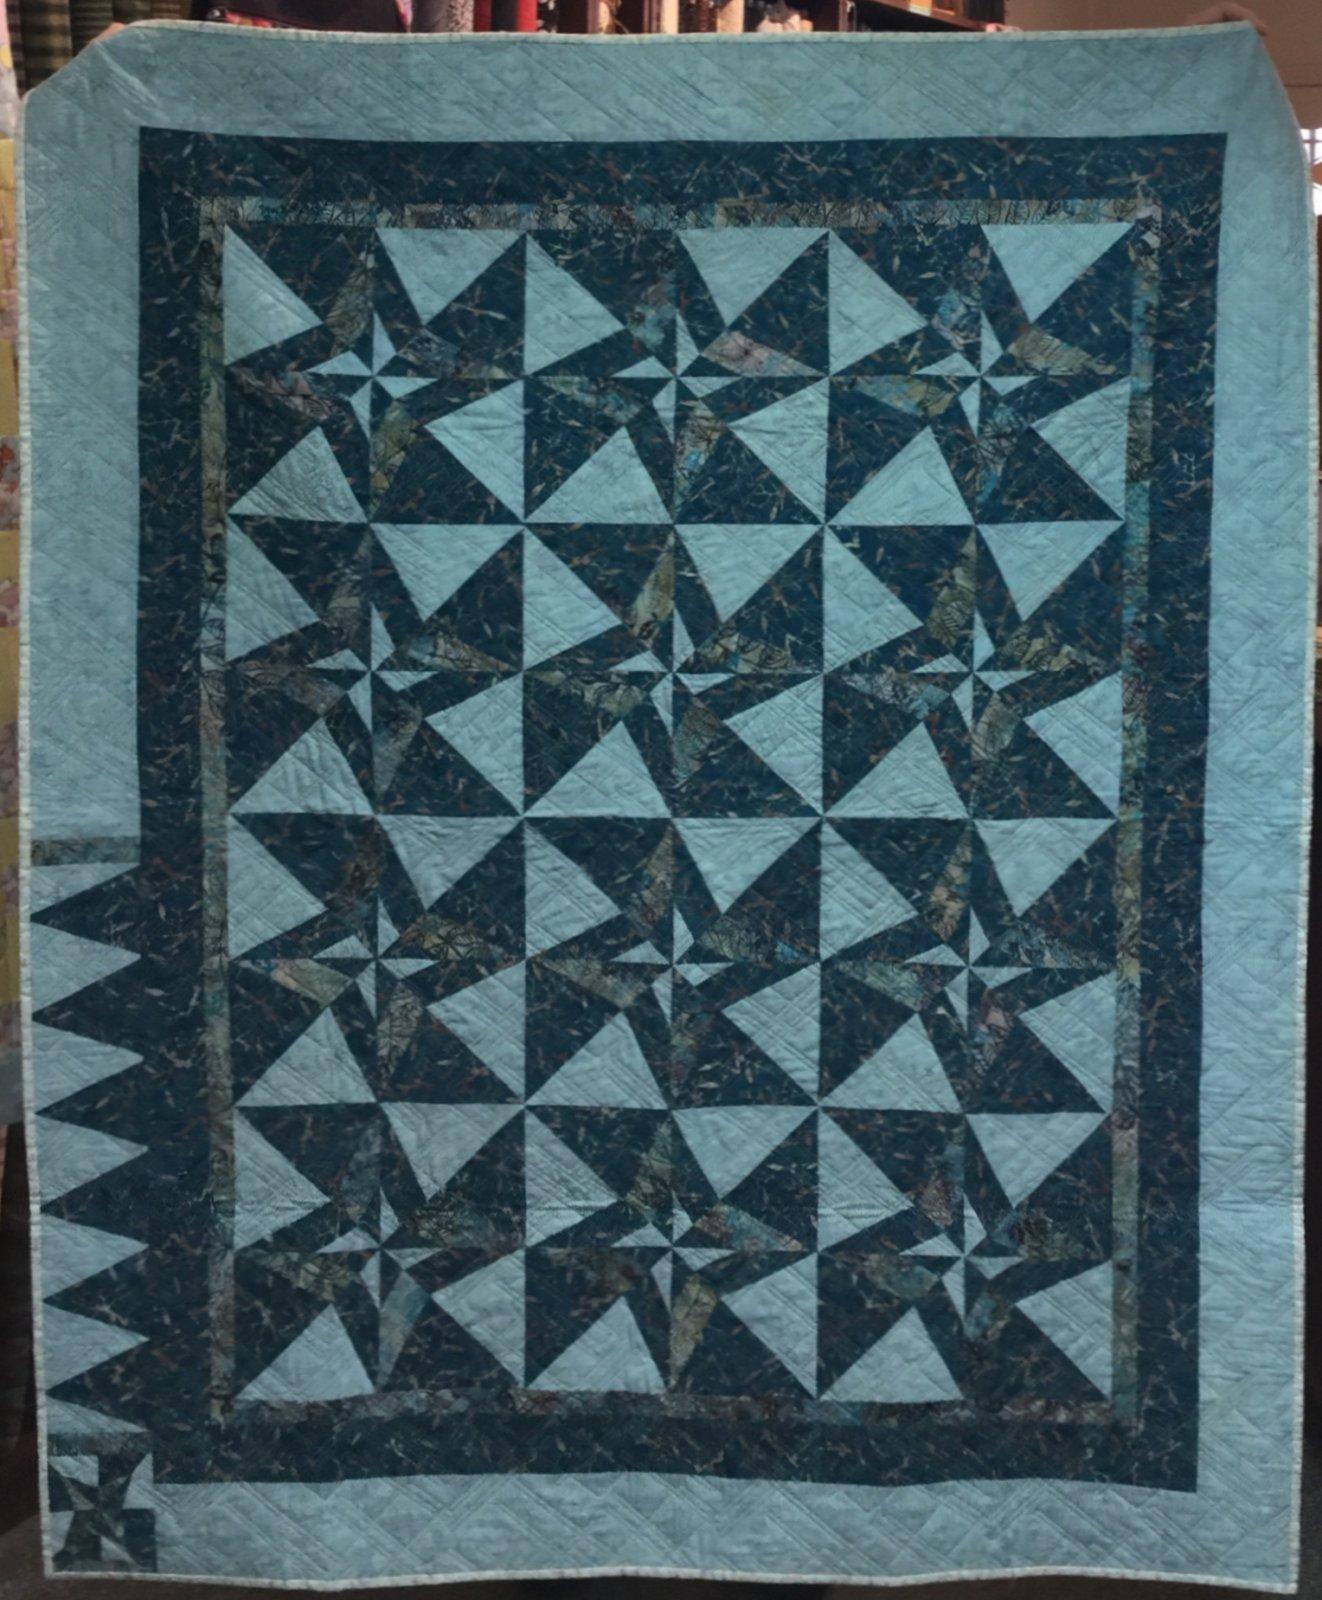 Batik Lap Quilt (62 x 51)